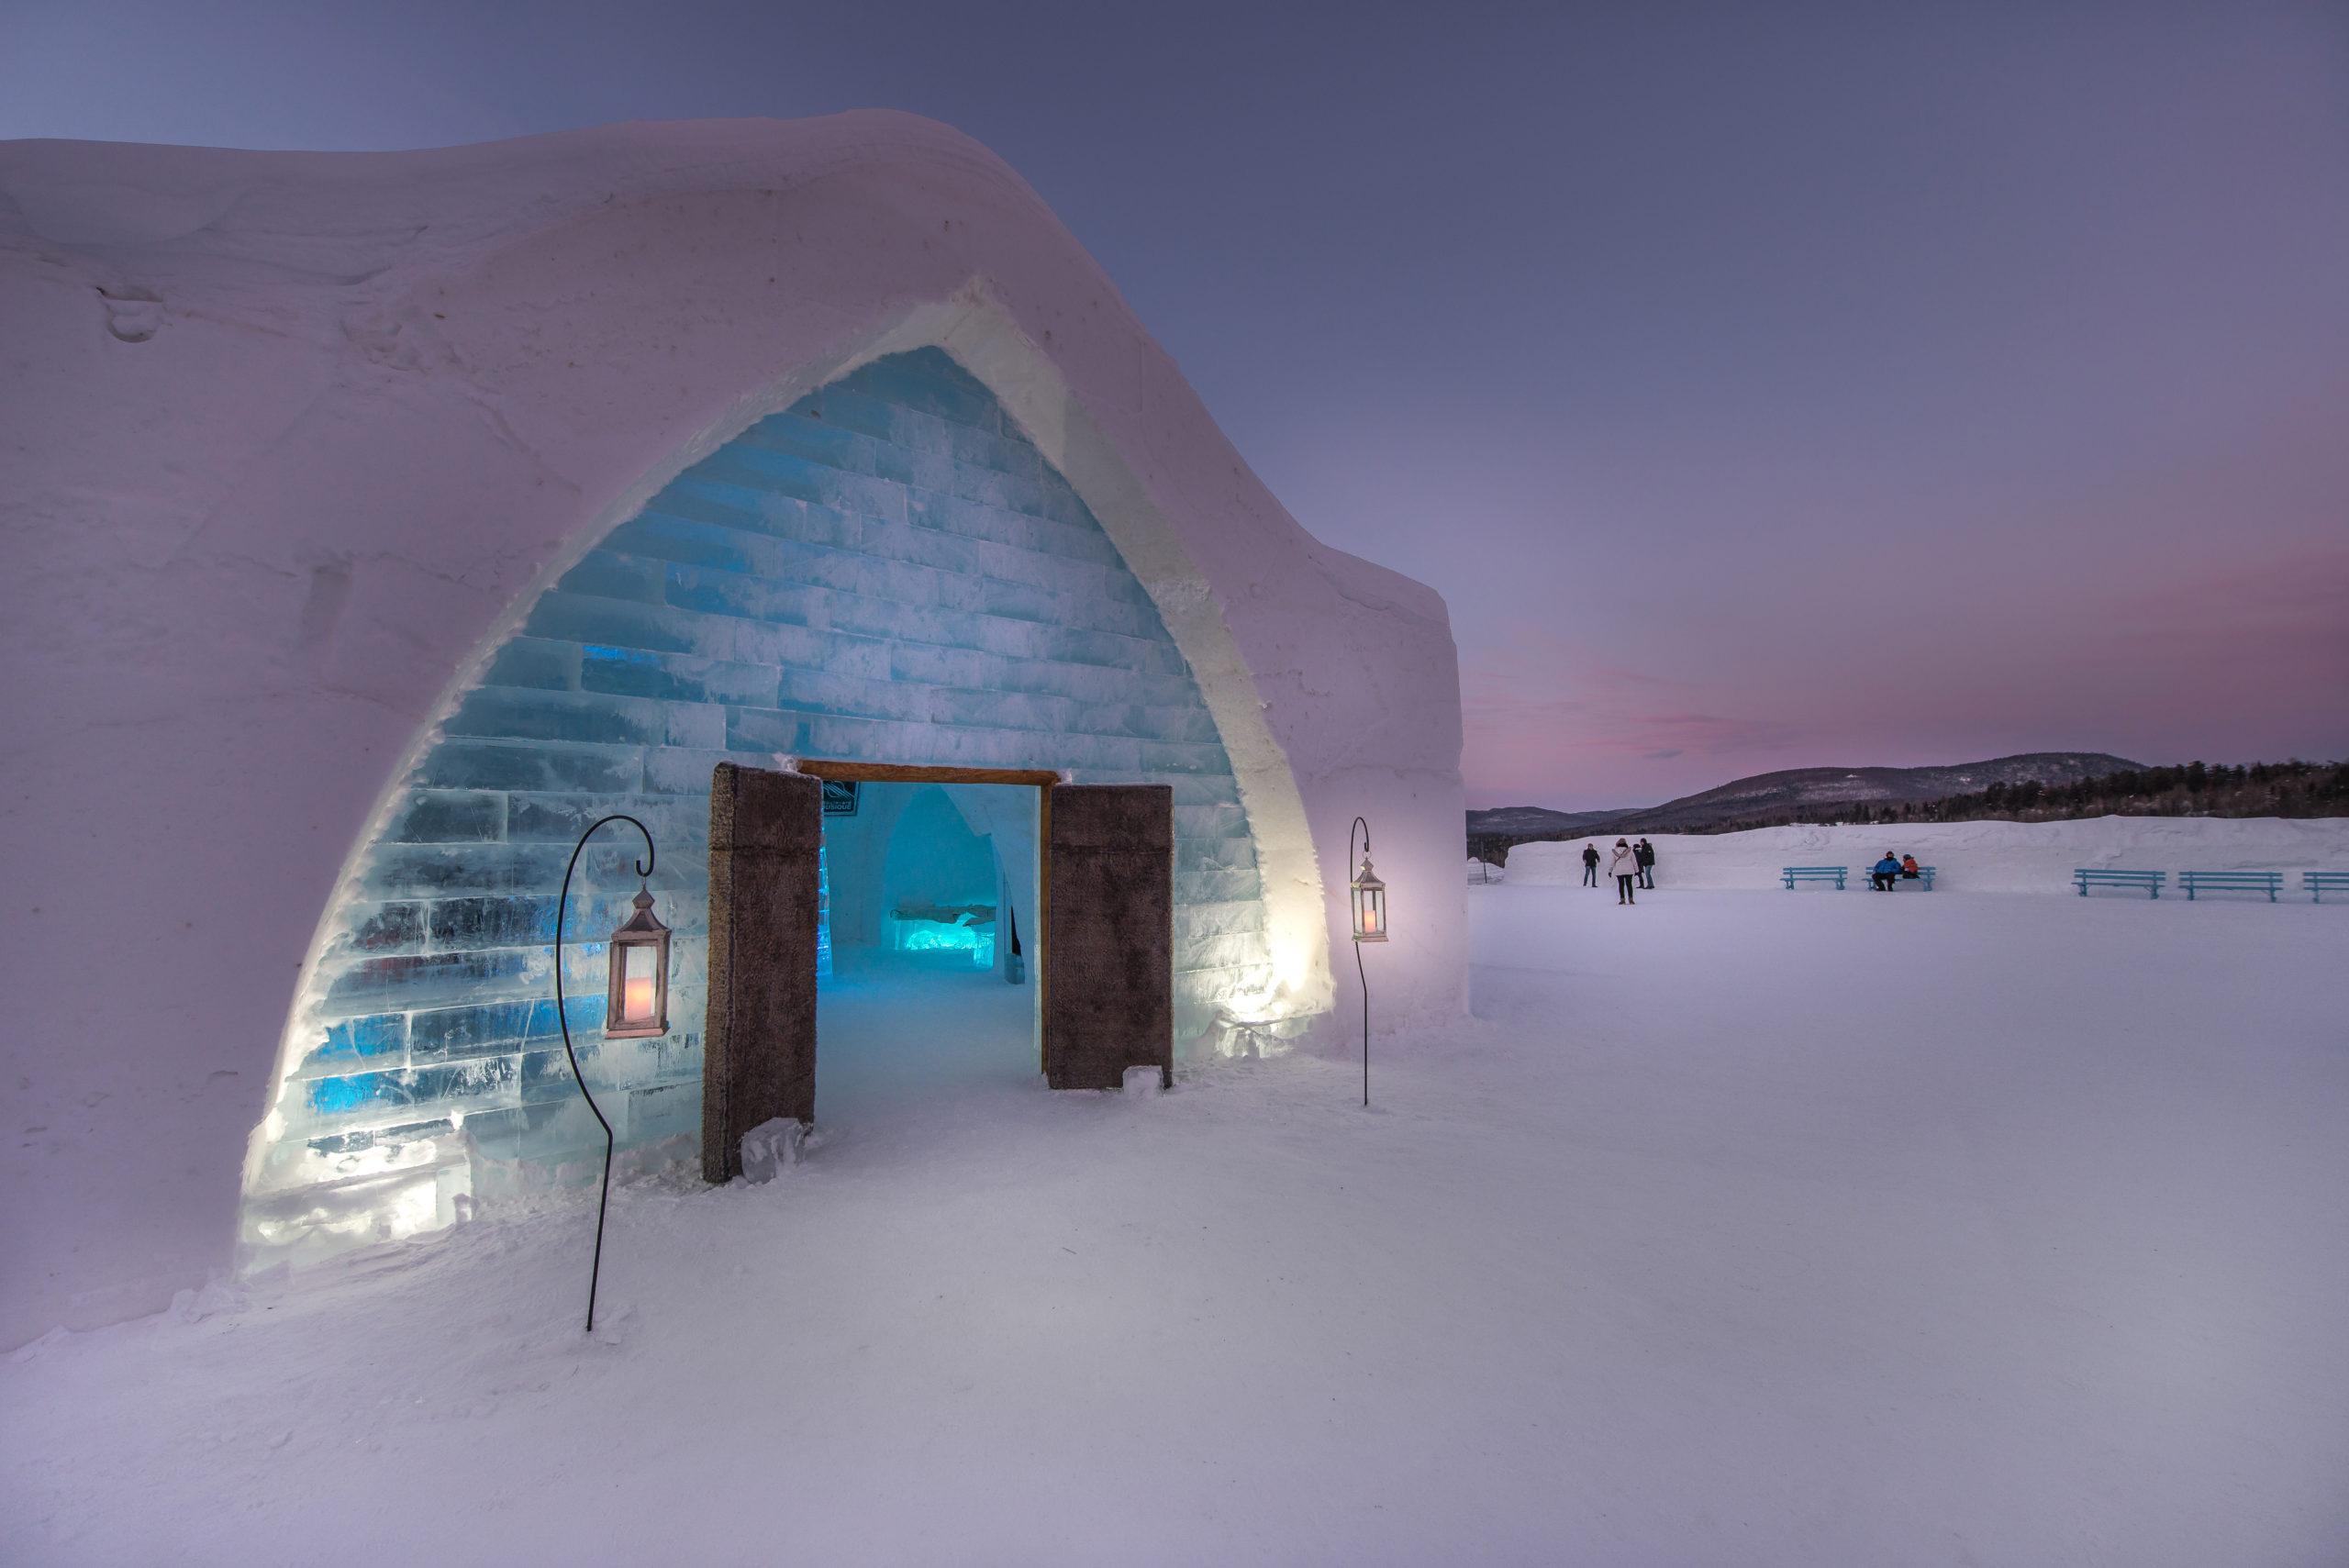 El hotel de hielo que reconstruyen cada invierno en Québec